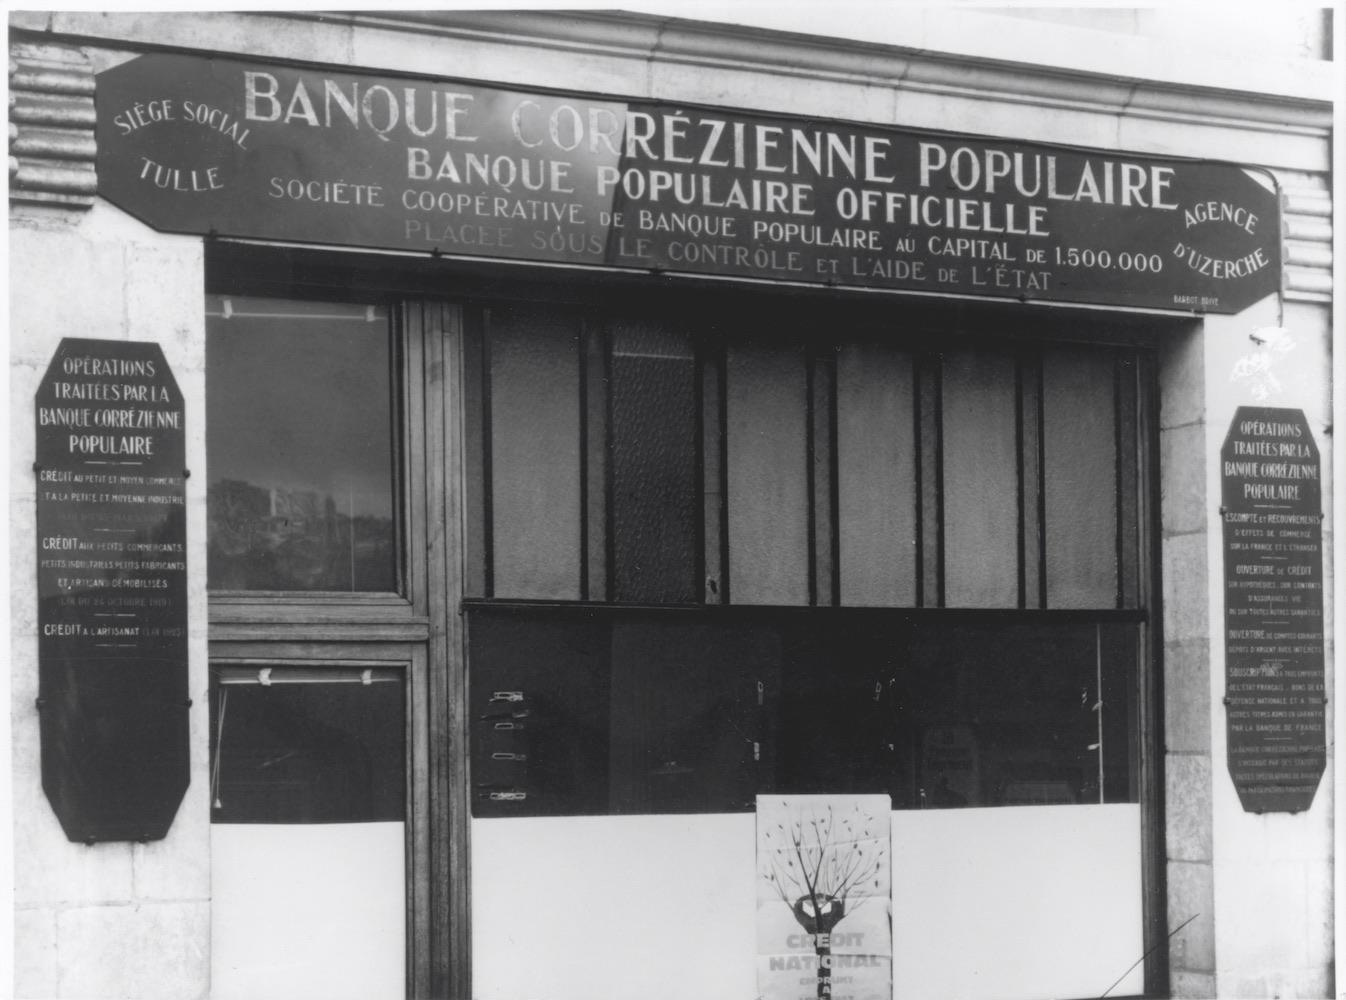 Agence de la Banque Corrézienne Populaire (s. d.)